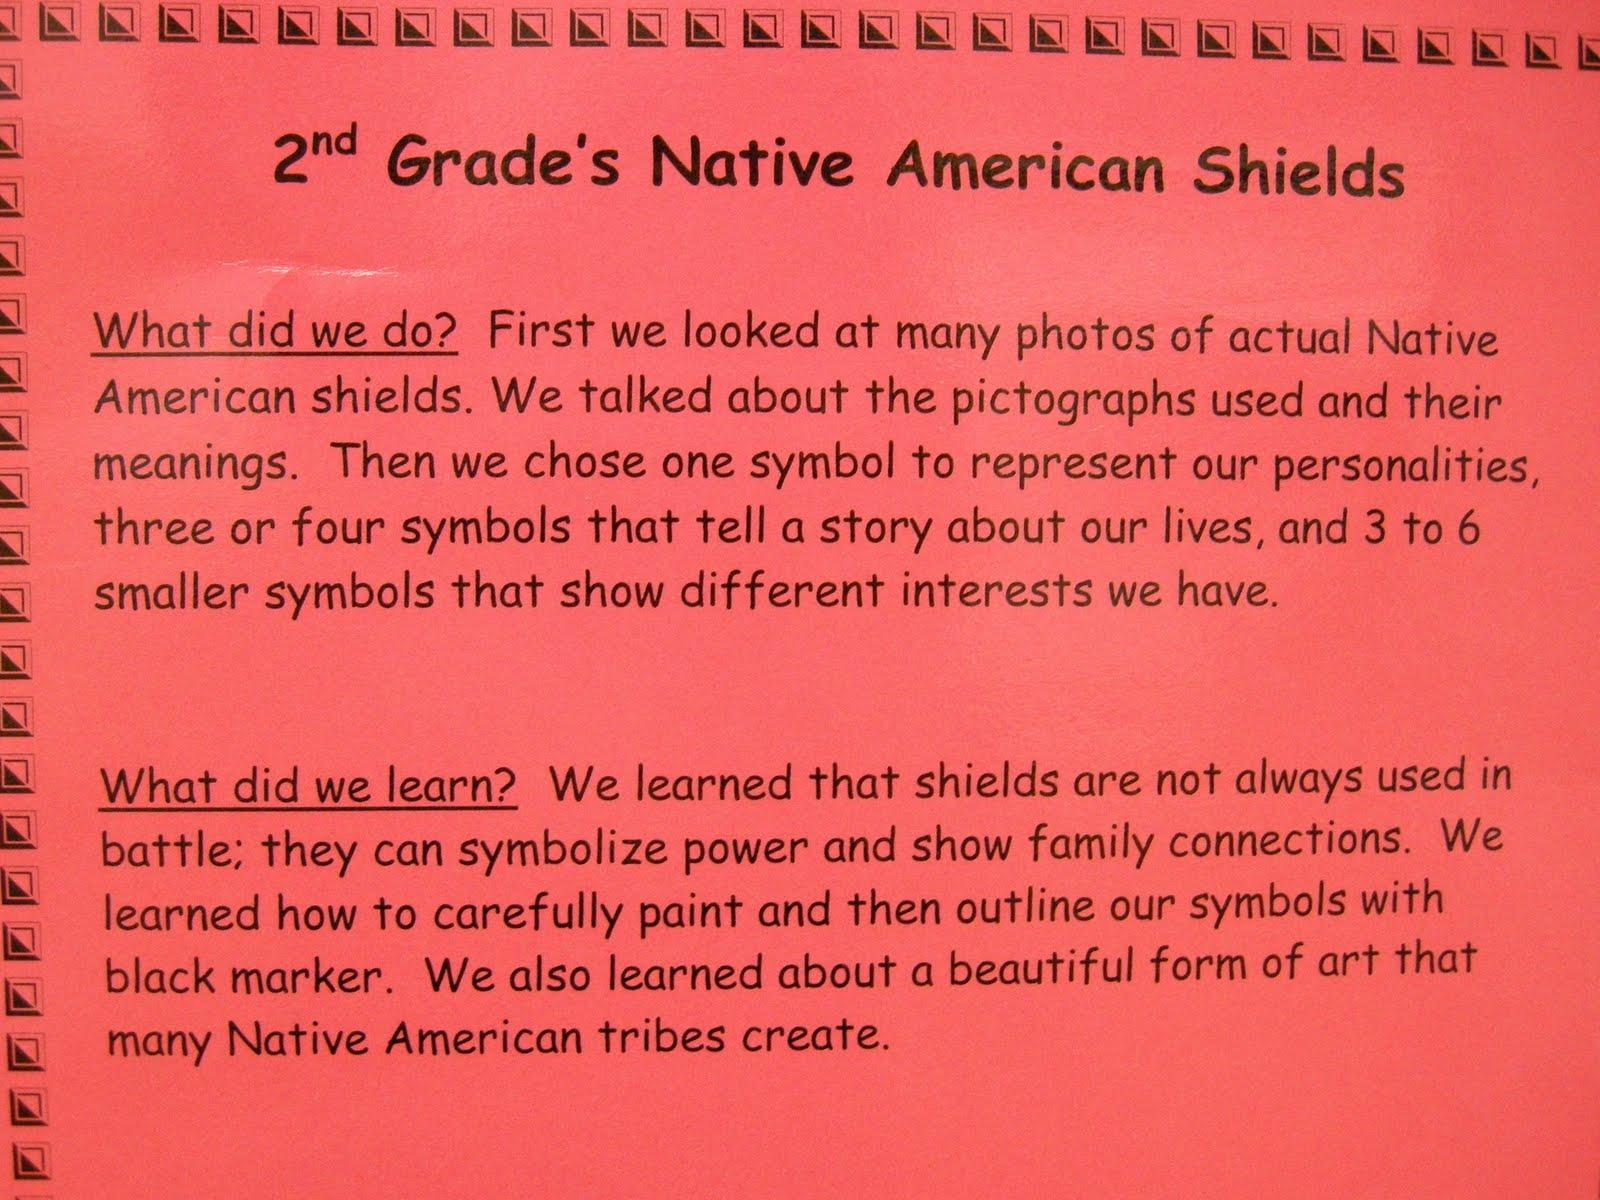 Zilker Elementary Art Class School Wide Student Art Show